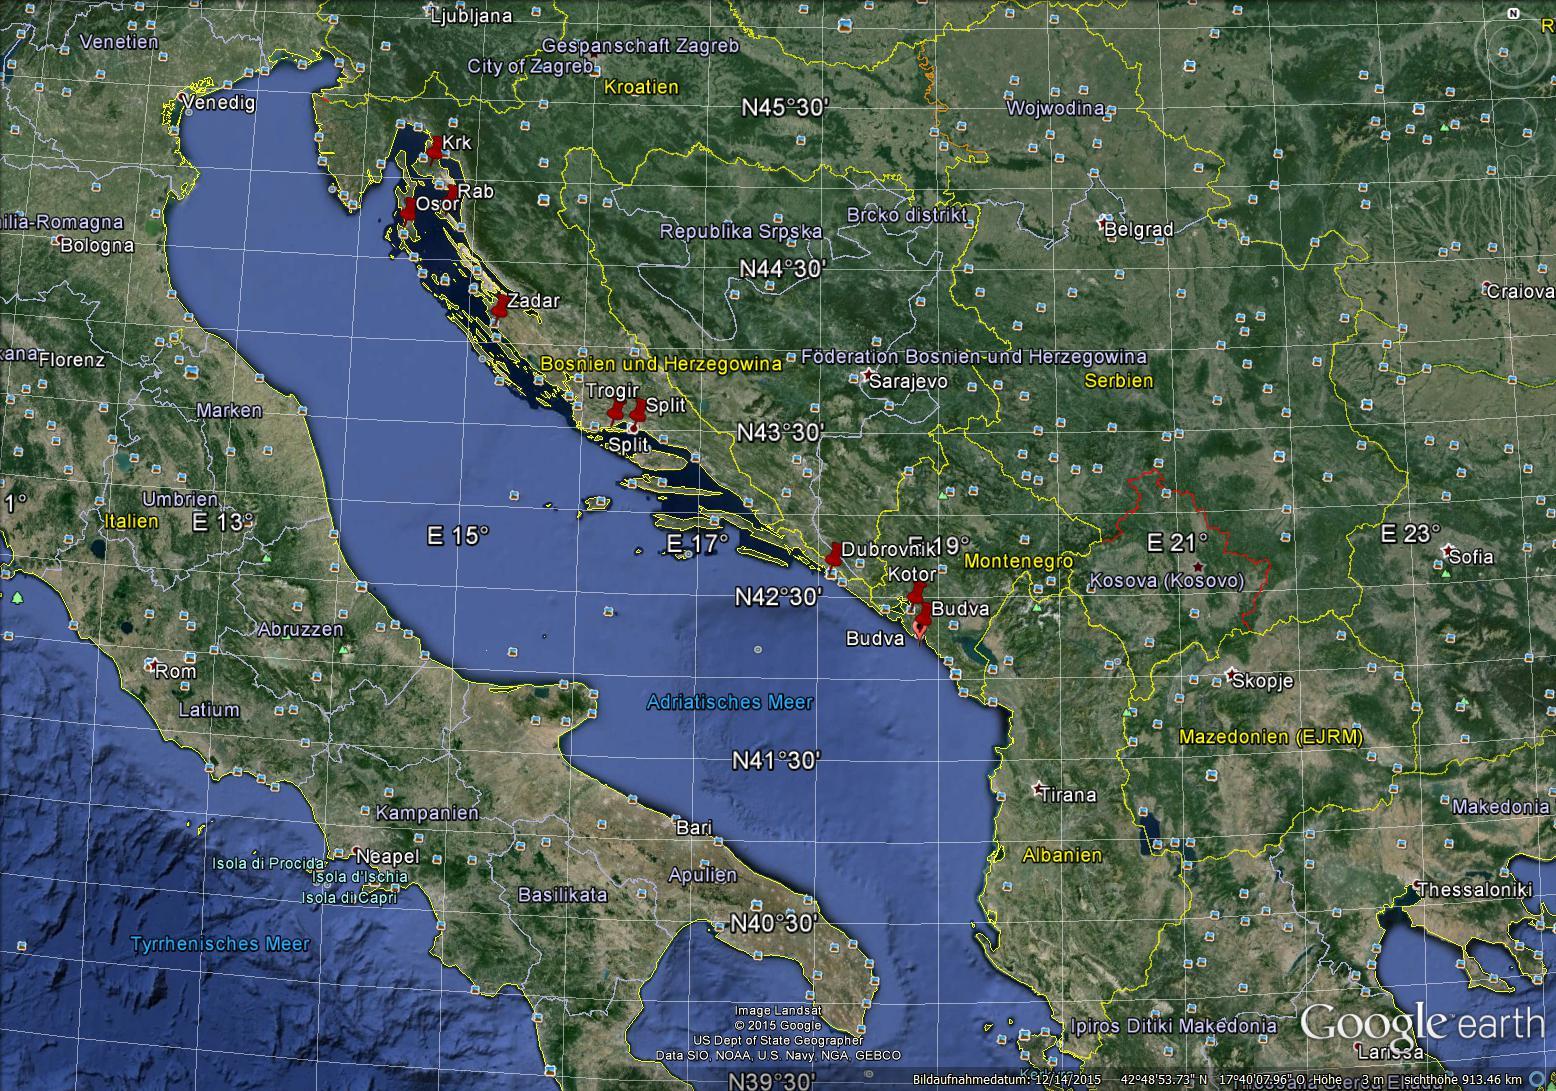 Letzte Verbreitung des Dalmatisch nach Muljacic (2000, 195)